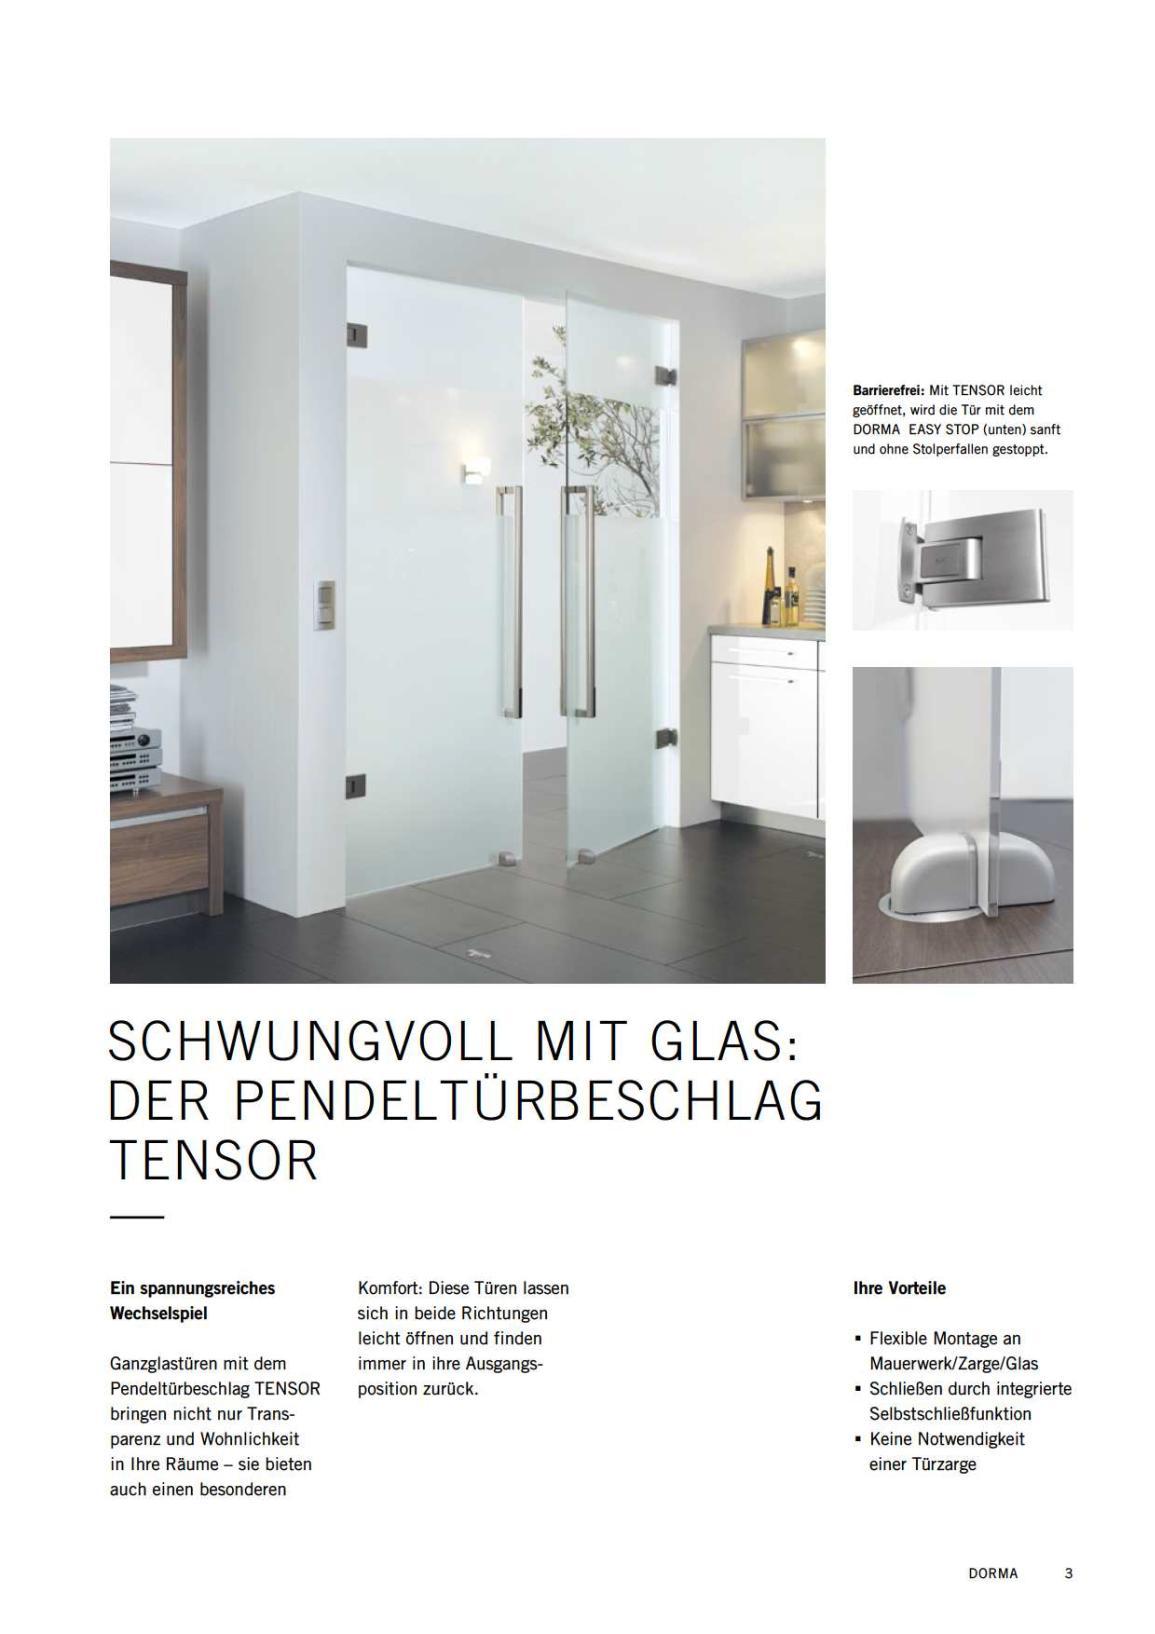 Willi Maier GmbH - Glaserei & Fensterbau | Online Türen aus Glas ...